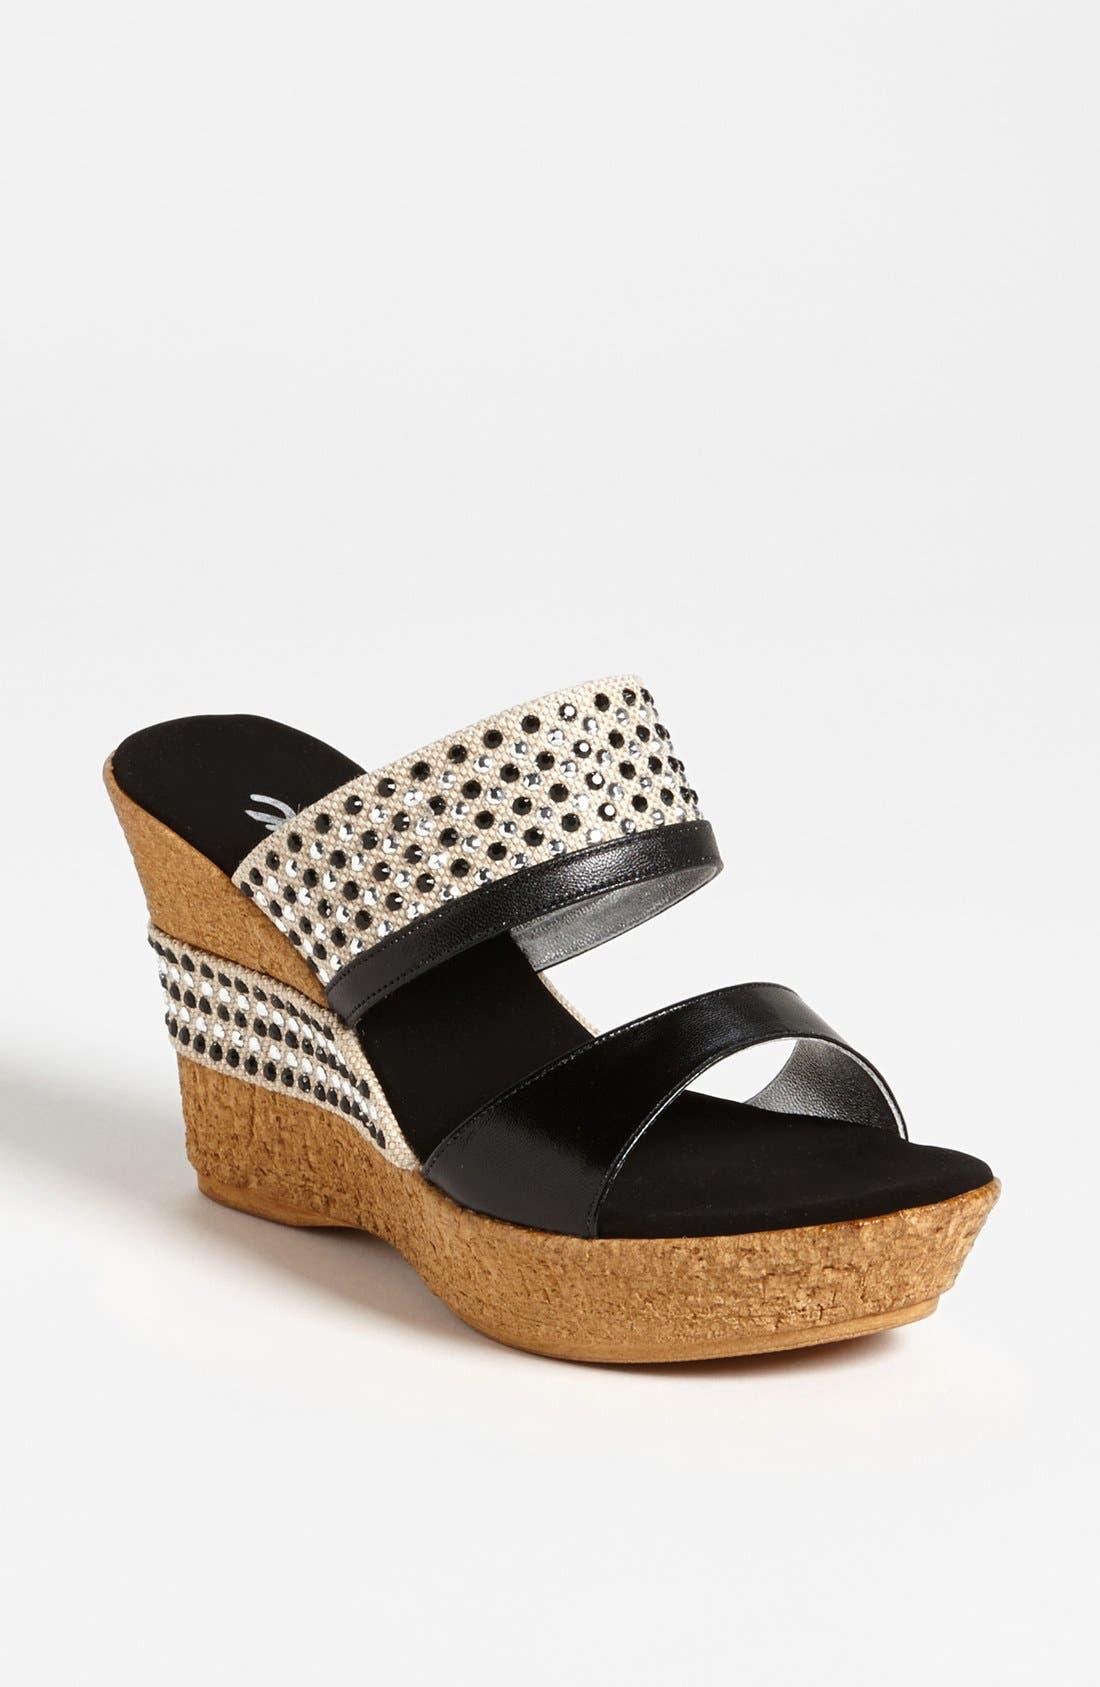 Main Image - Onex 'Addison' Sandal